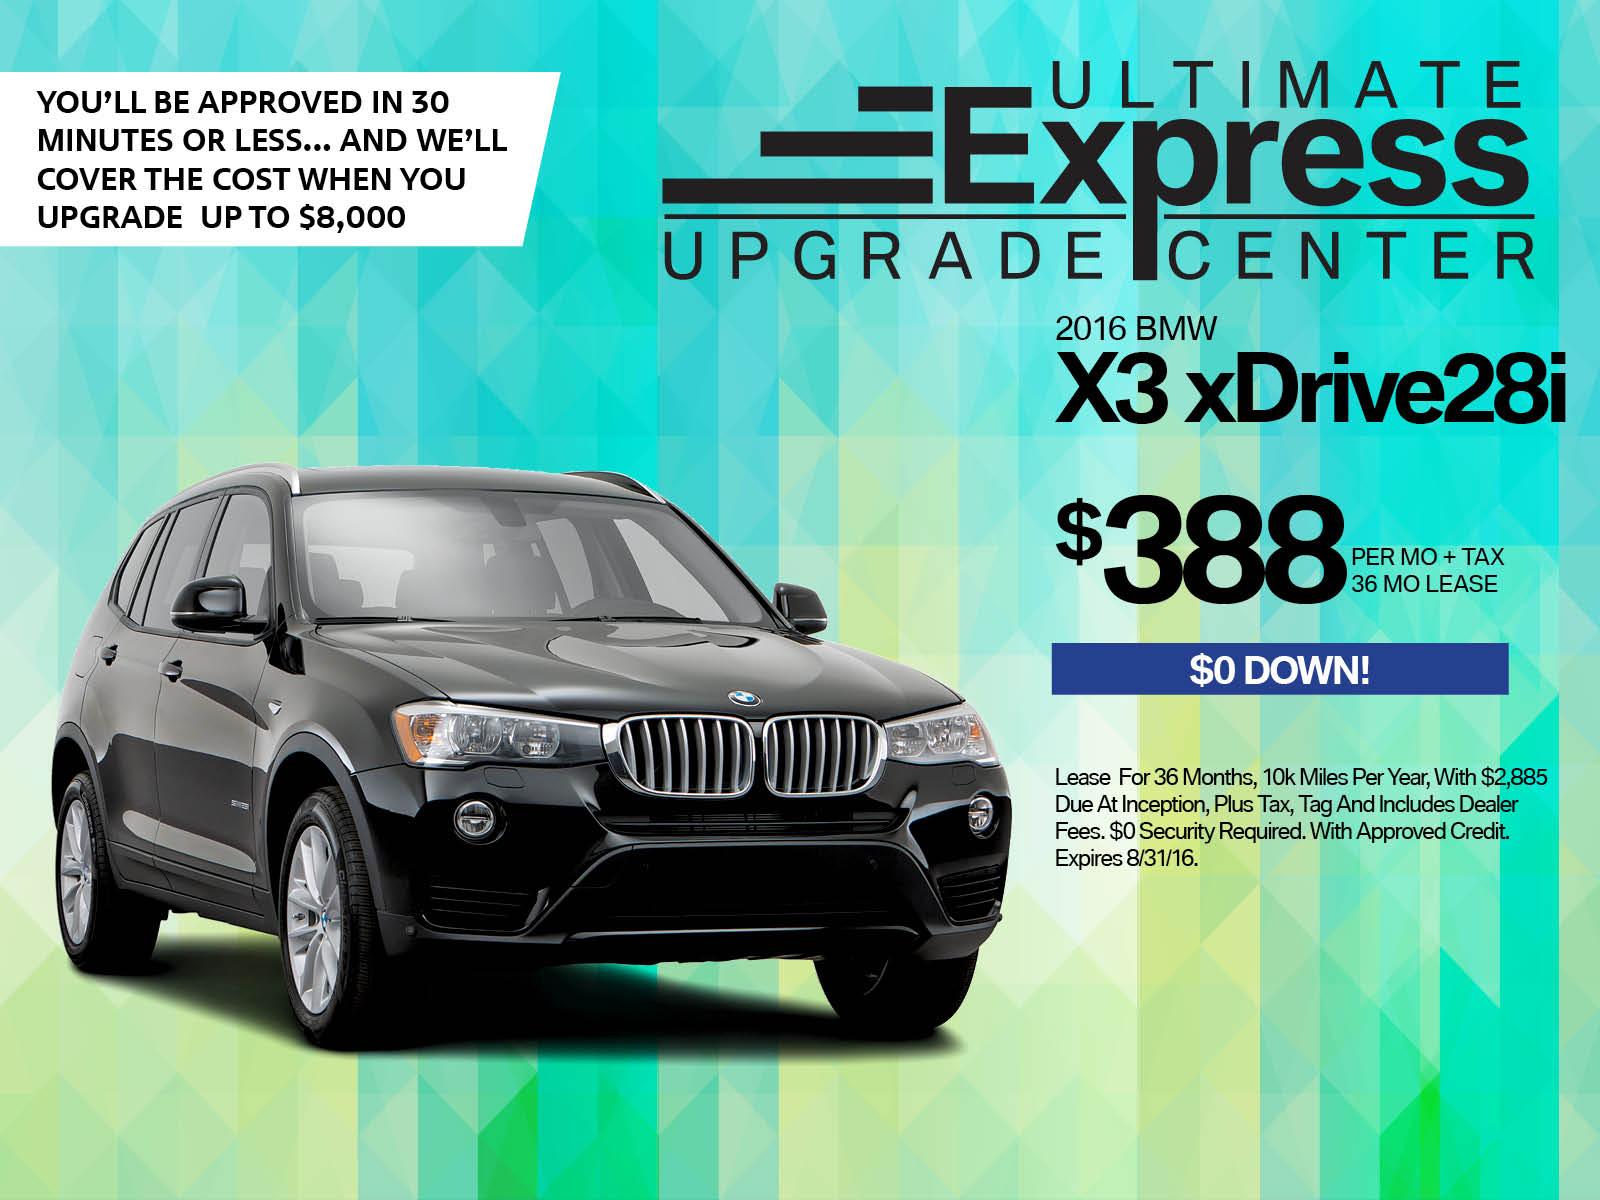 BMW X3 Miami FL